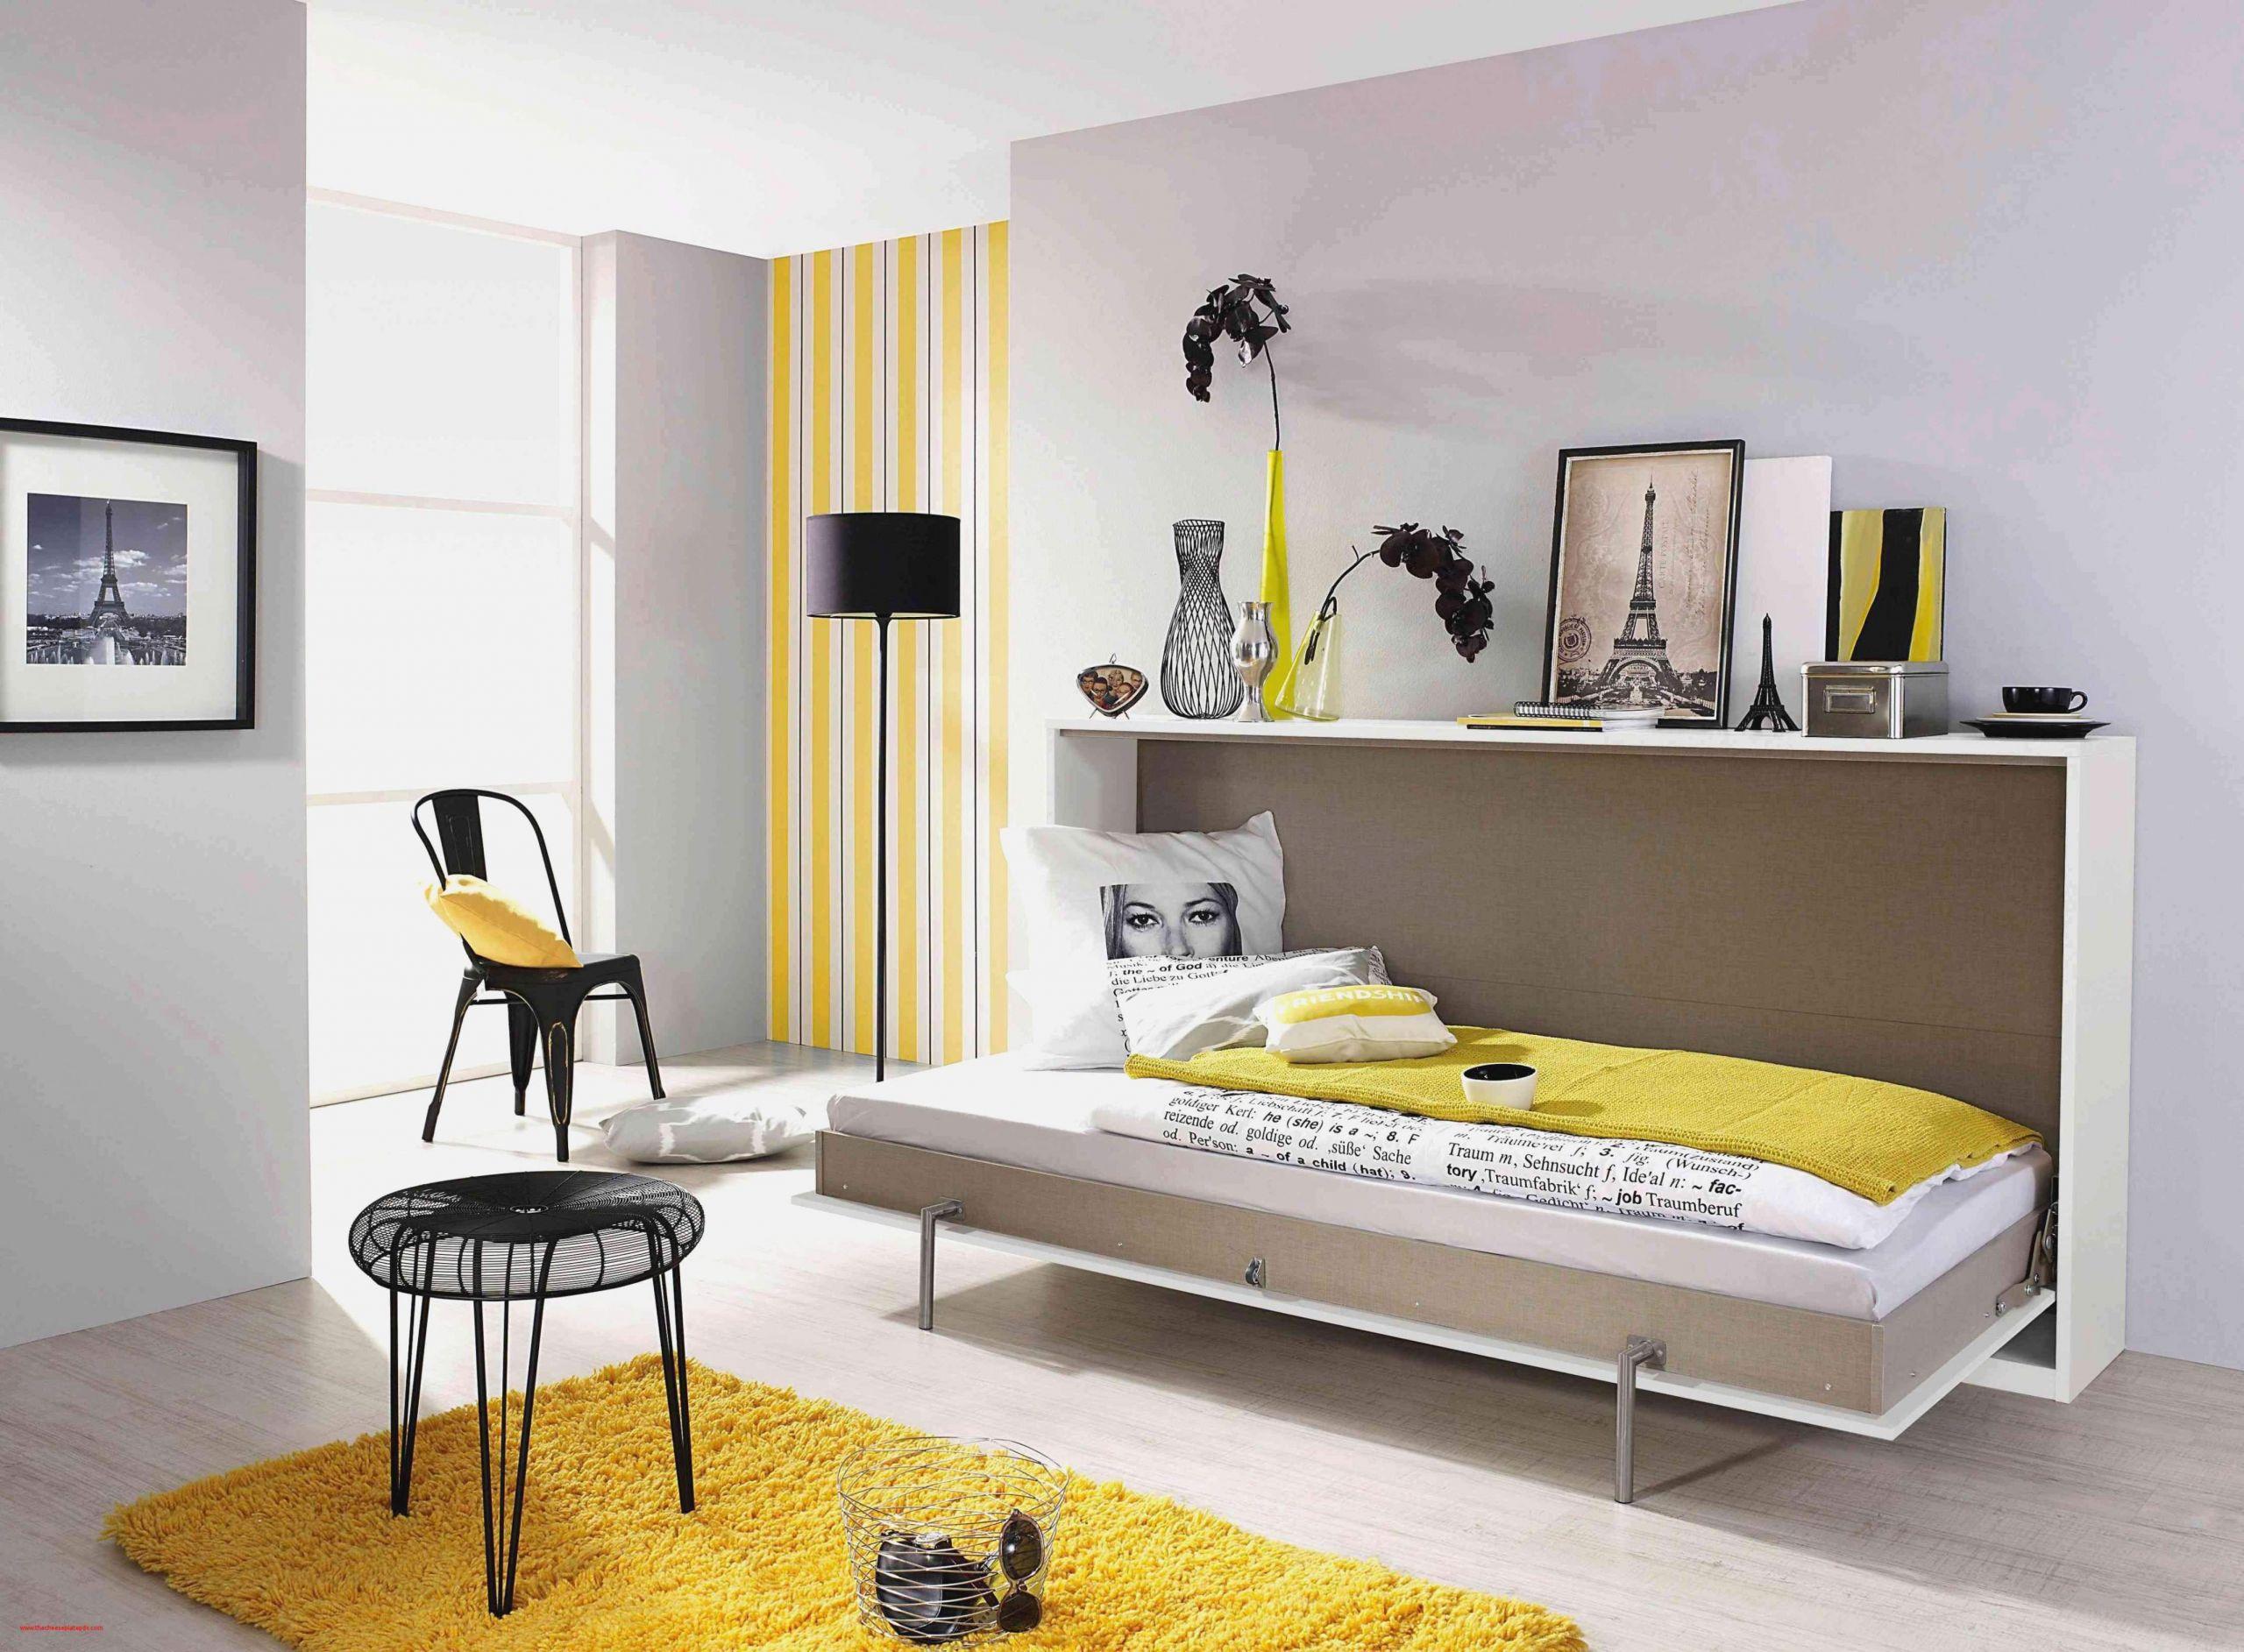 kaminholzregal fur wohnzimmer das beste von moderne lampen fur wohnzimmer genial lampen fur hohe schrage of kaminholzregal fur wohnzimmer scaled